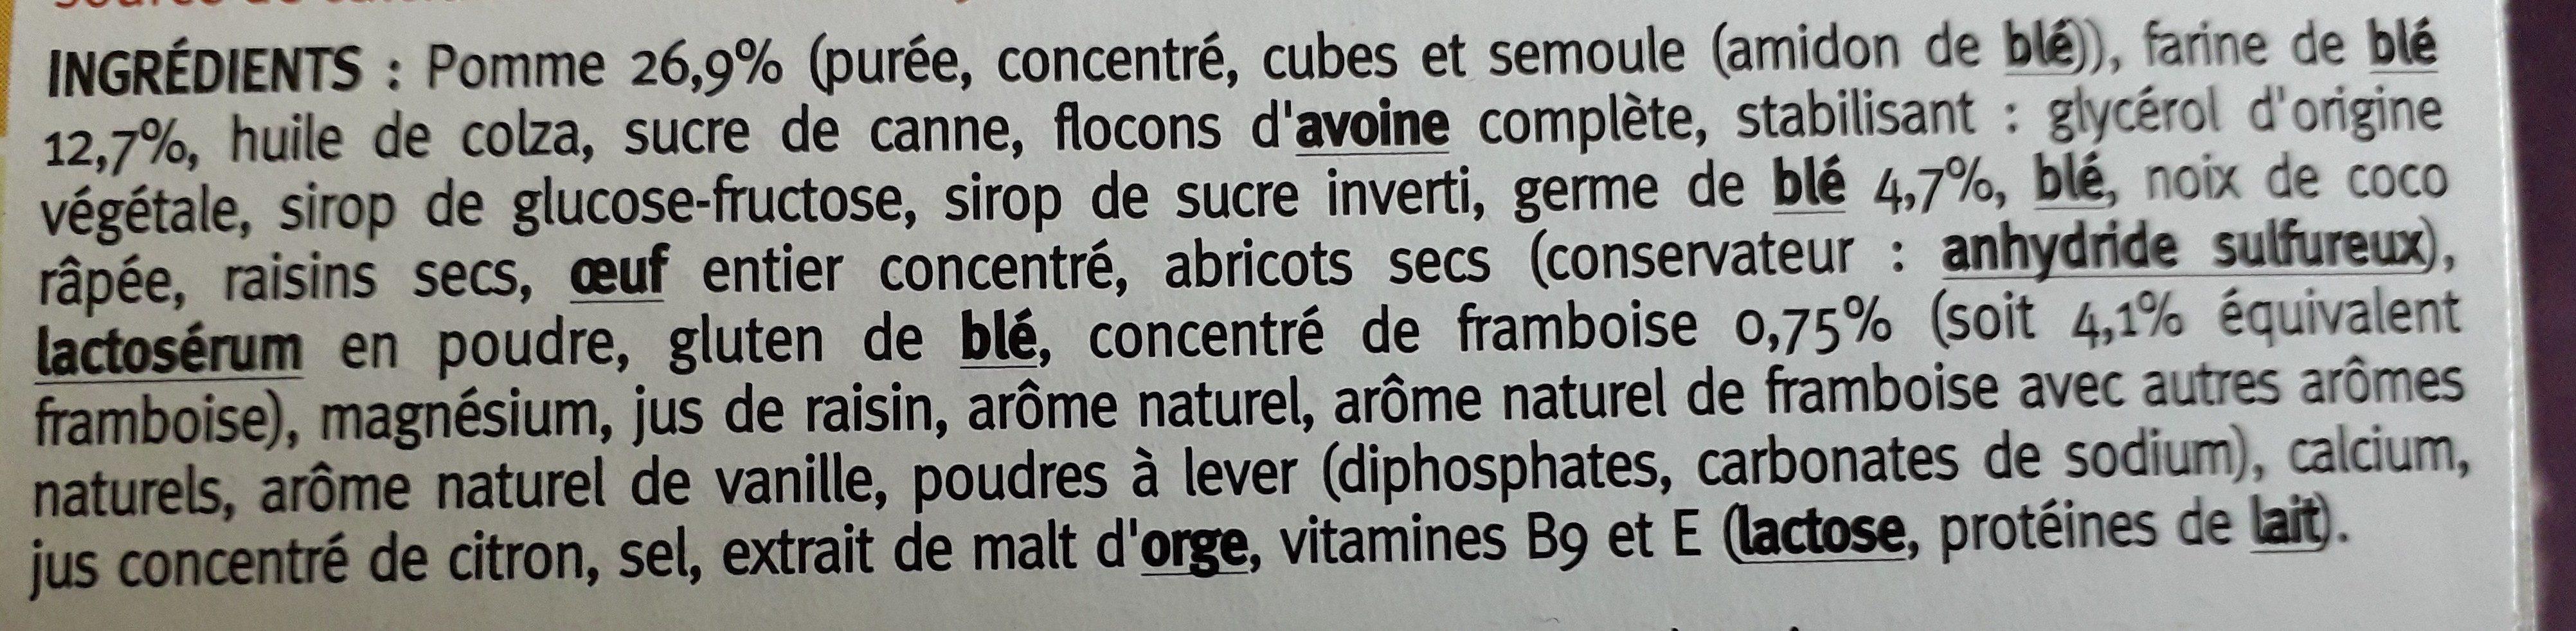 Moelleux Pomme Framboise - Ingrédients - fr